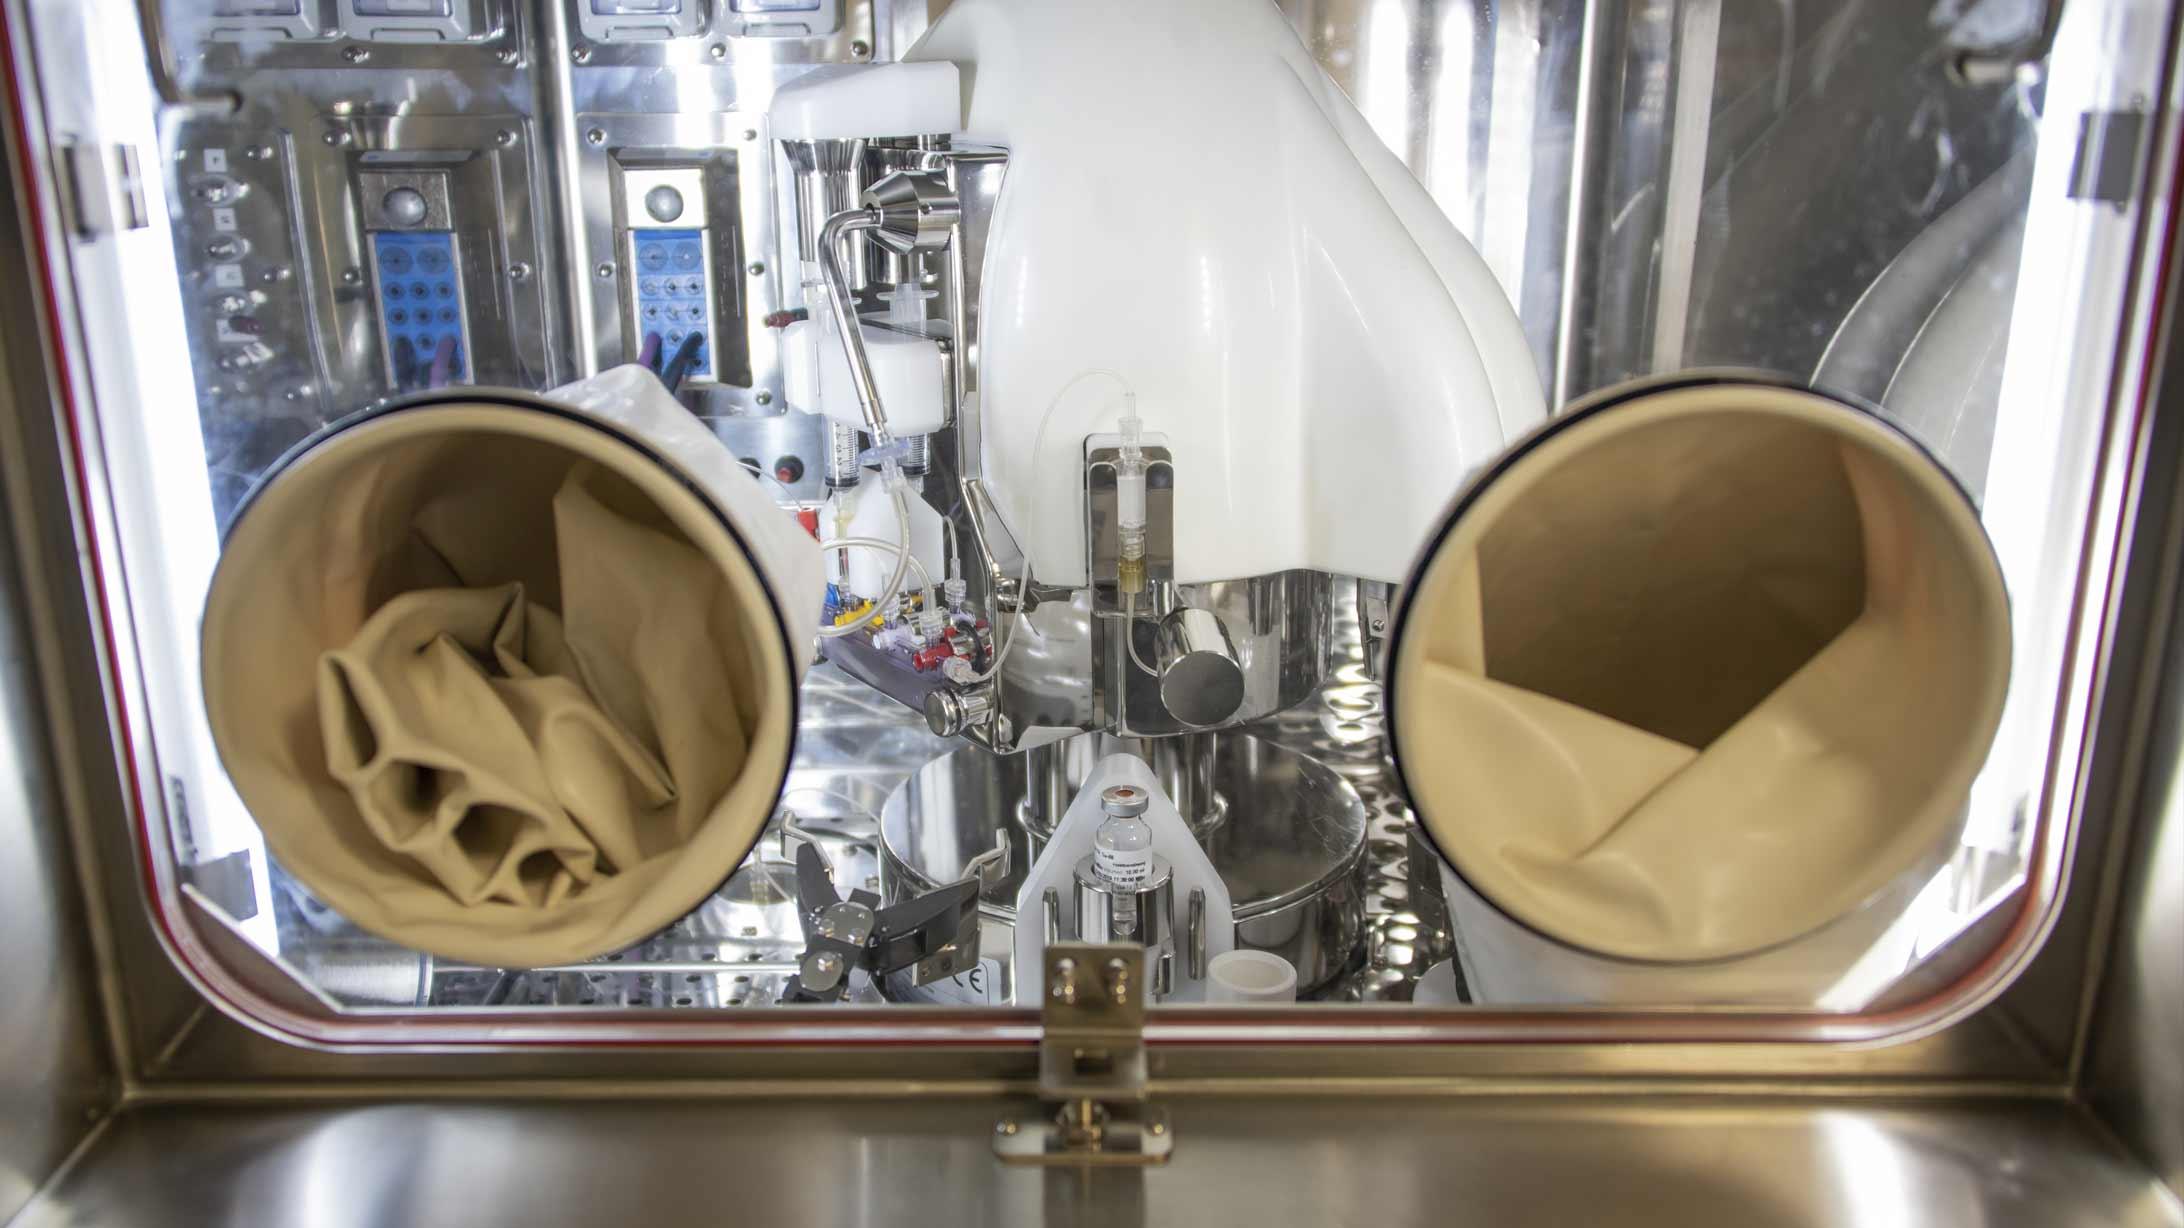 Nach der Reinigung: Die Nuklide werden in Fläschchen abgefüllt und zur Markierung von Biomolekülen verwendet. Die fertigen Tracer werden in Patientendosen unterteilt.